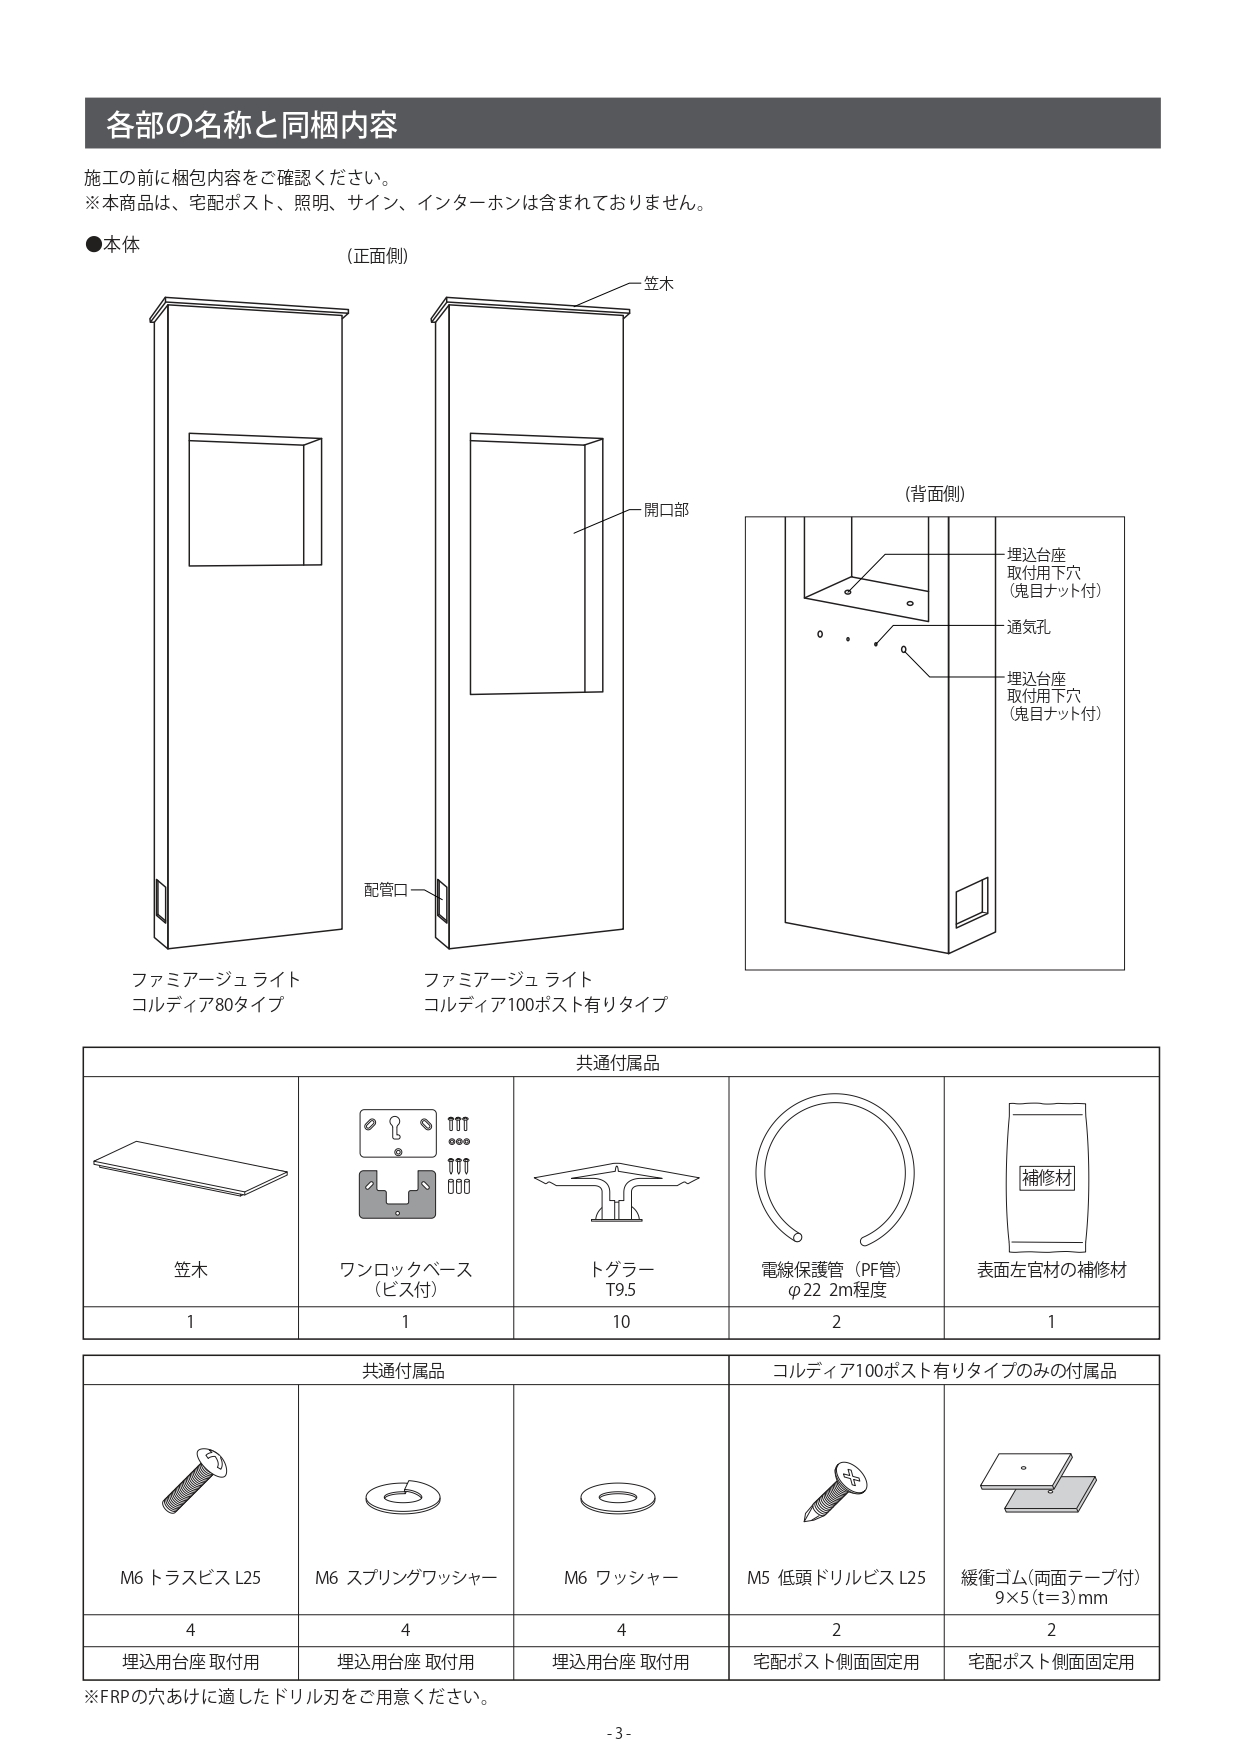 ファミアージュライト_取扱説明書_page-0003